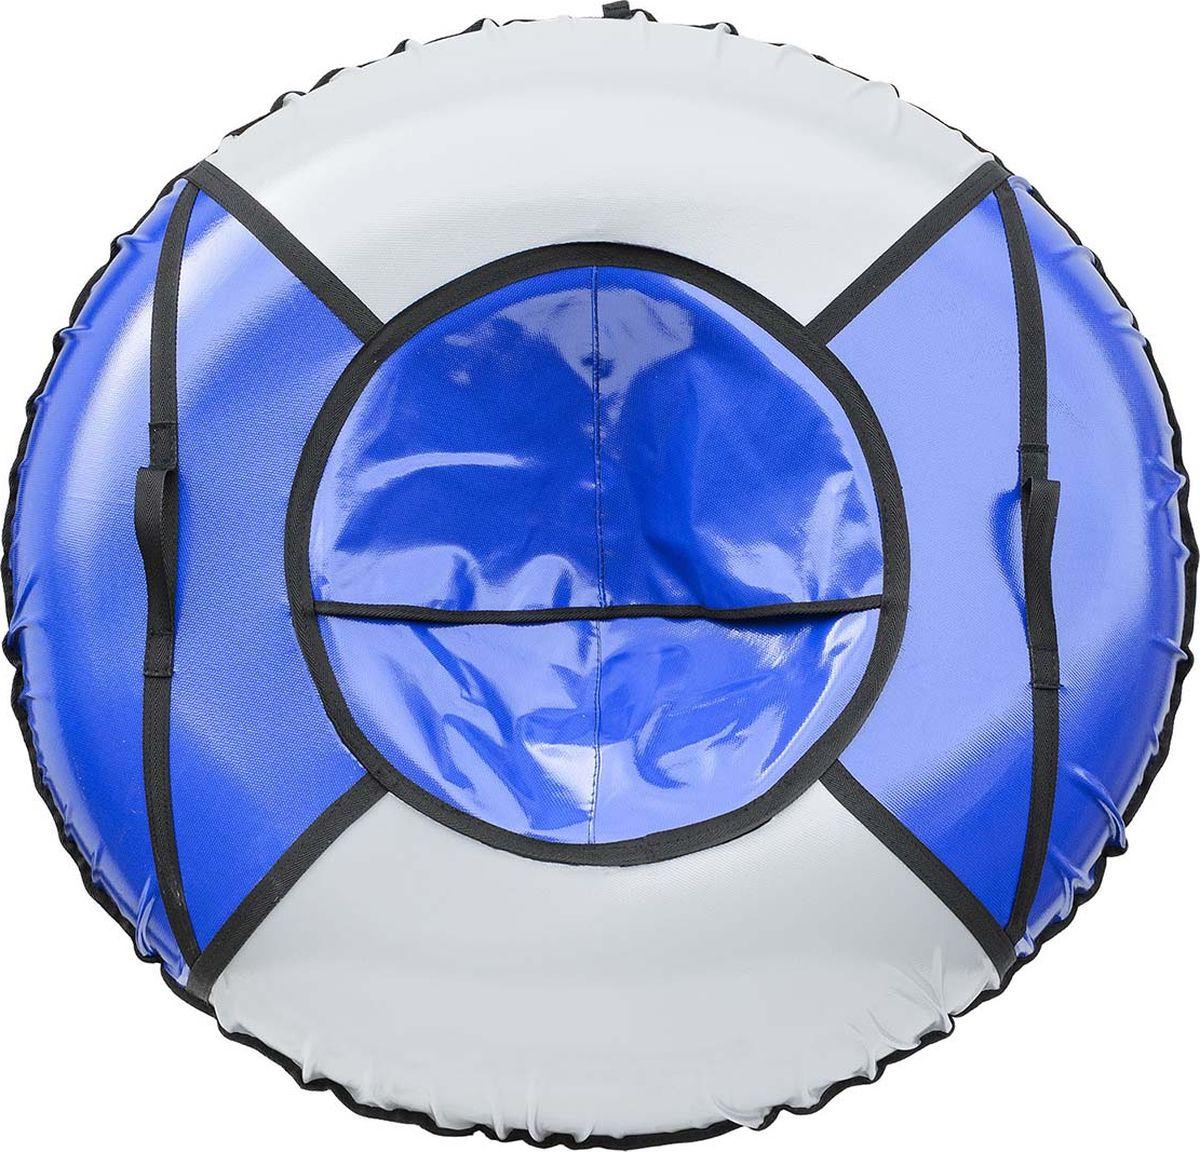 Тюбинг Эх, Прокачу!  Профи-4 , цвет: серый, синий, 115 см - Тюбинги